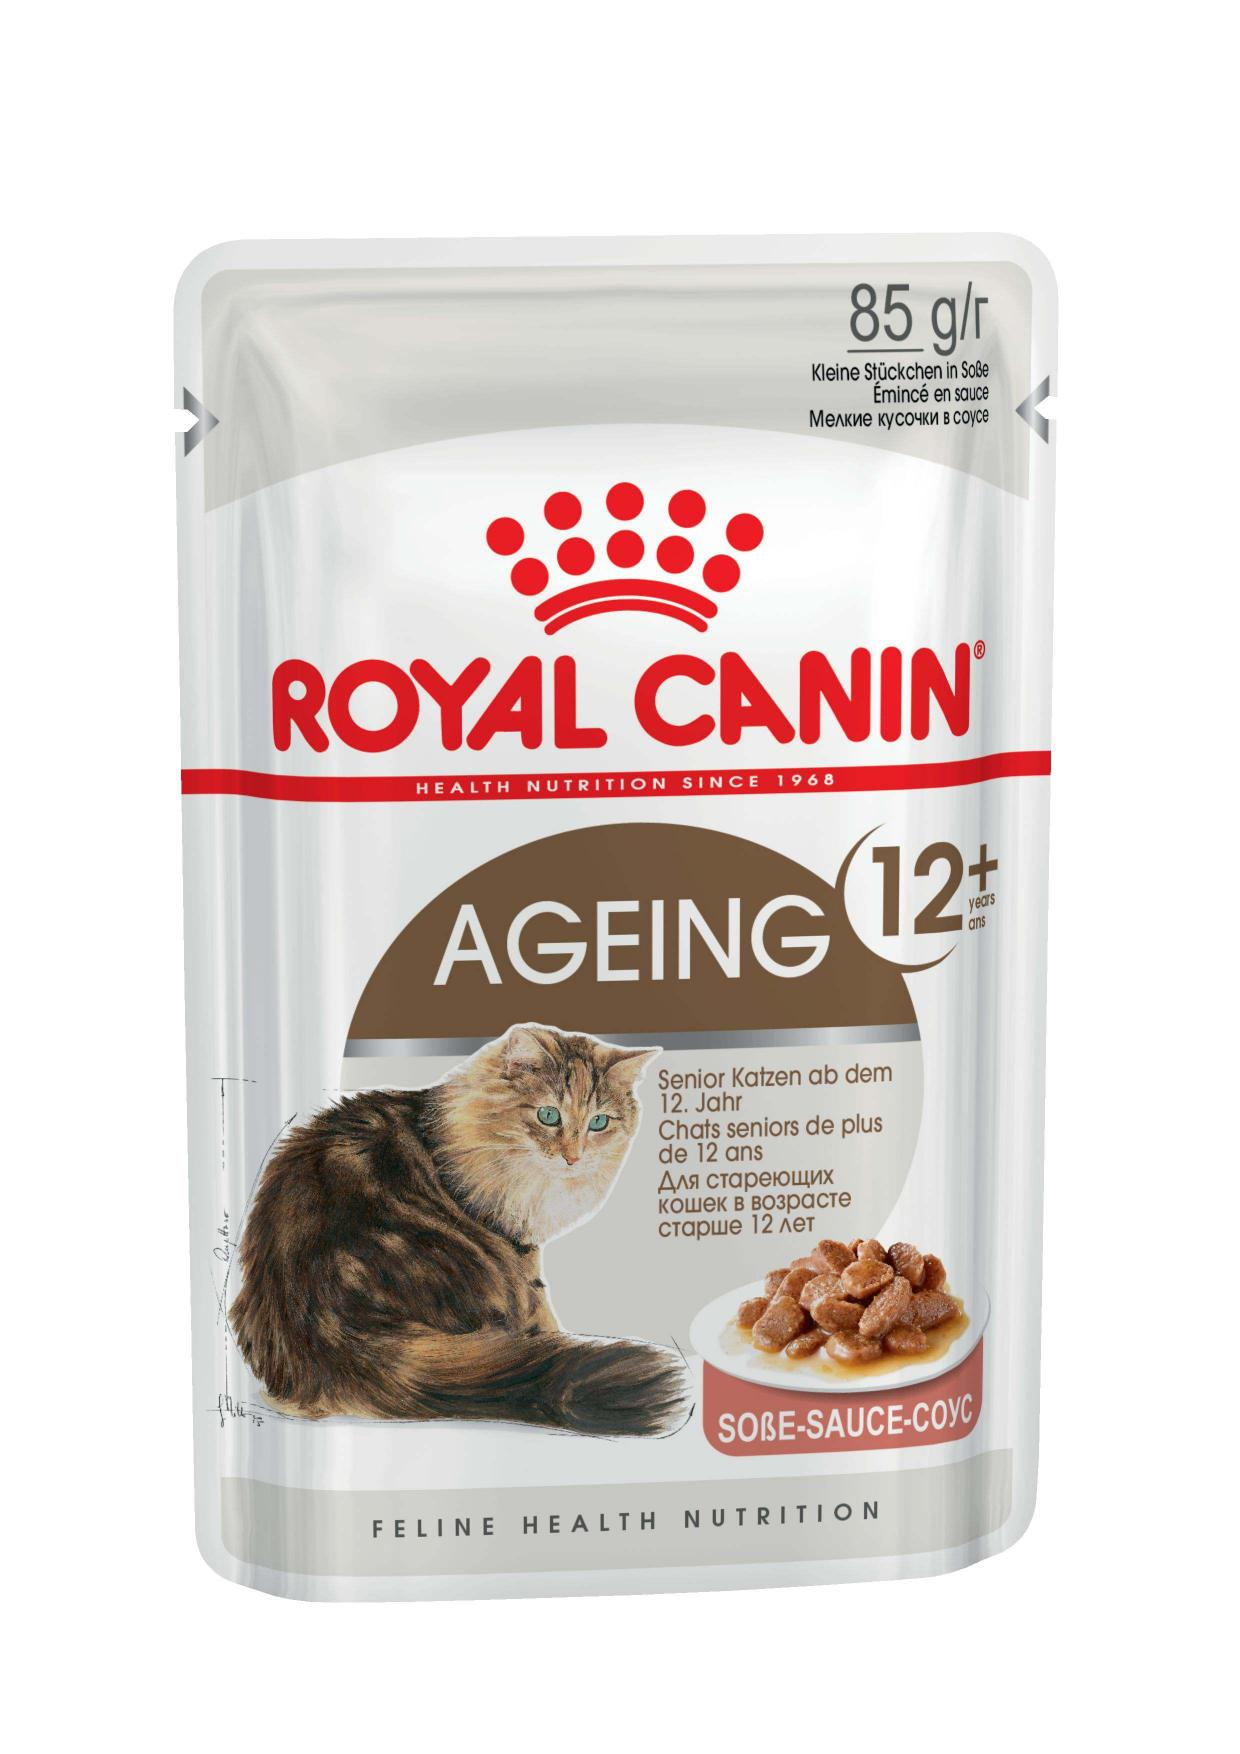 Royal Canin паучи RC Кусочки в соусе для кошек старше 12лет (Ageing+12) 488001, 0,085 кг, 22364